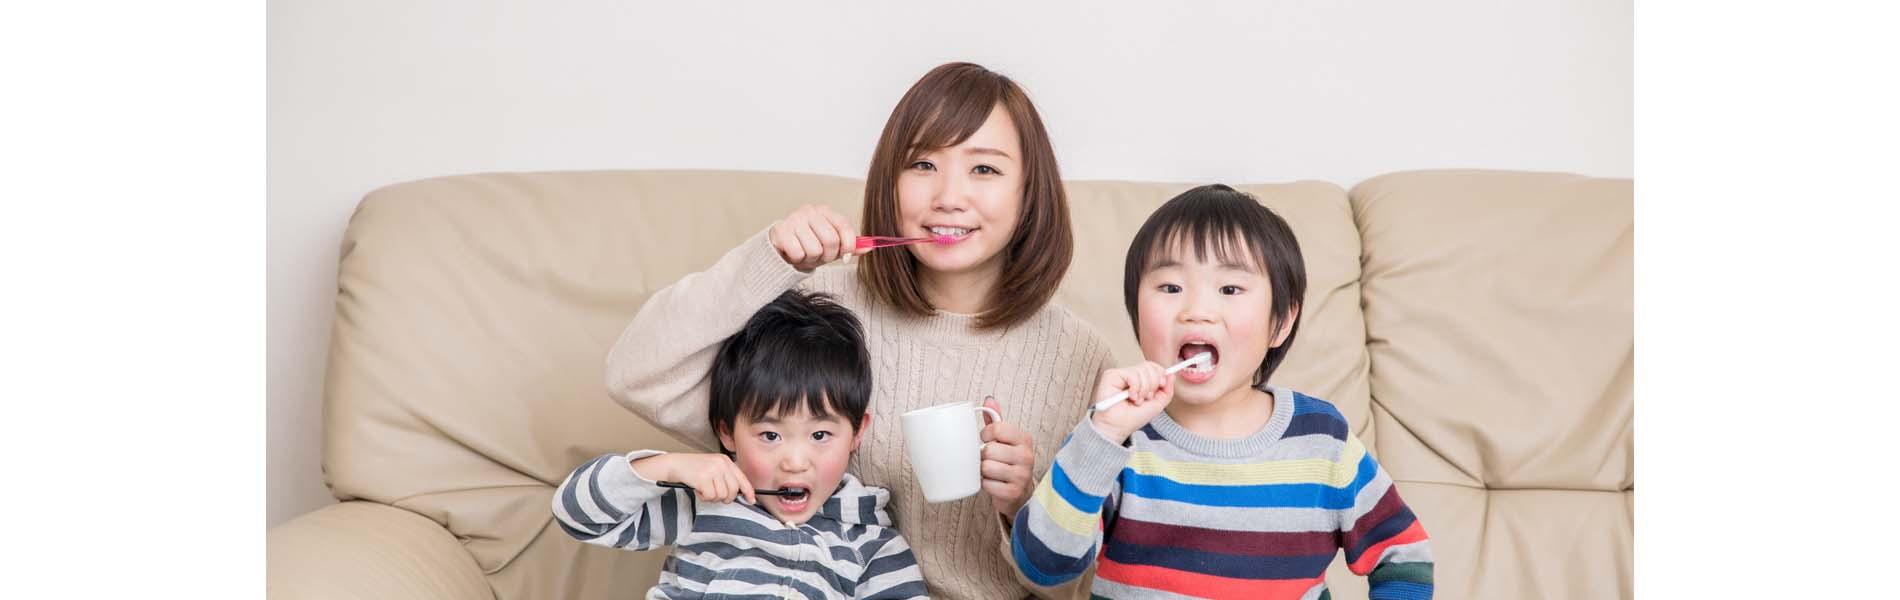 親子3人の歯磨き写真